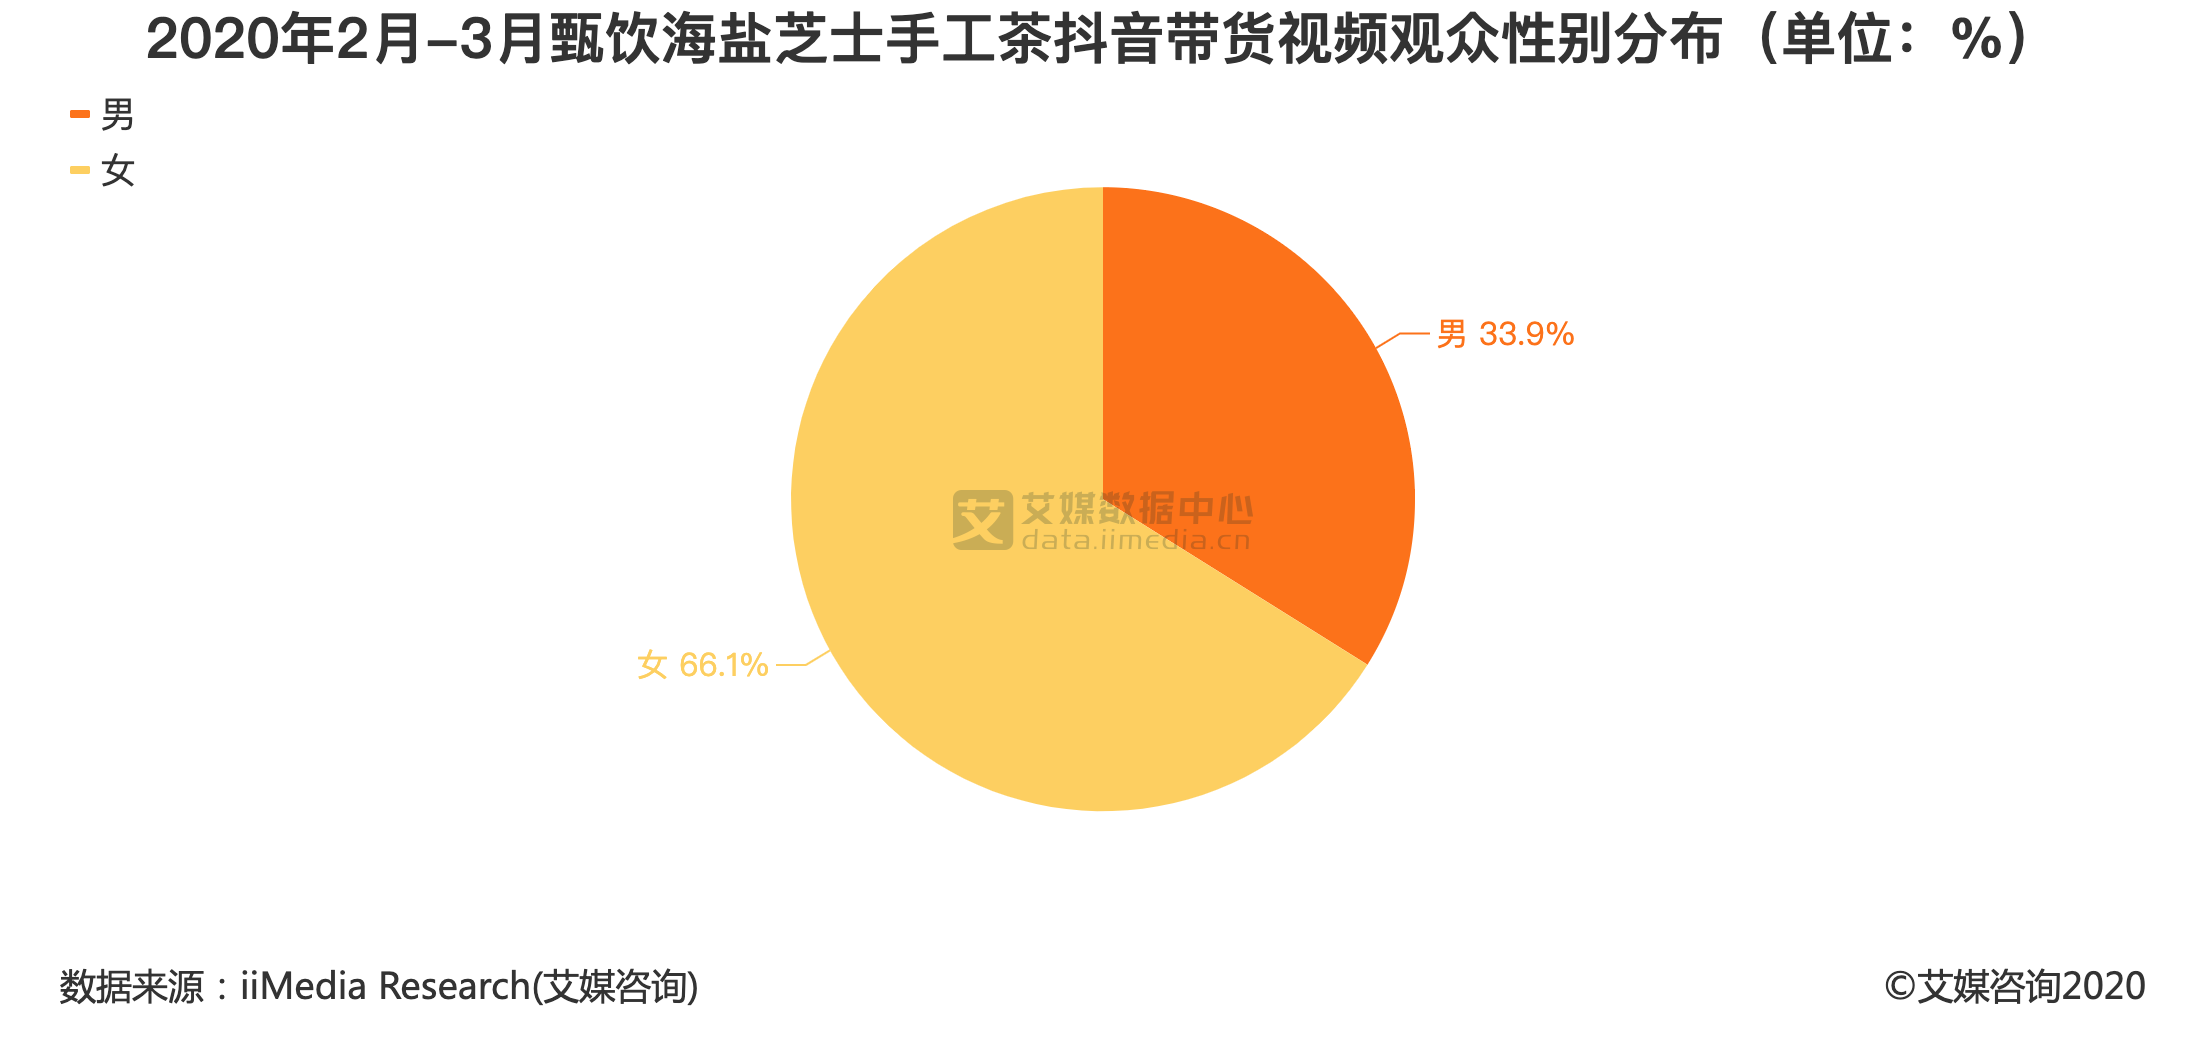 2020年2月-3月甄饮海盐芝士手工茶抖音带货视频观众性别分布(单位:%)